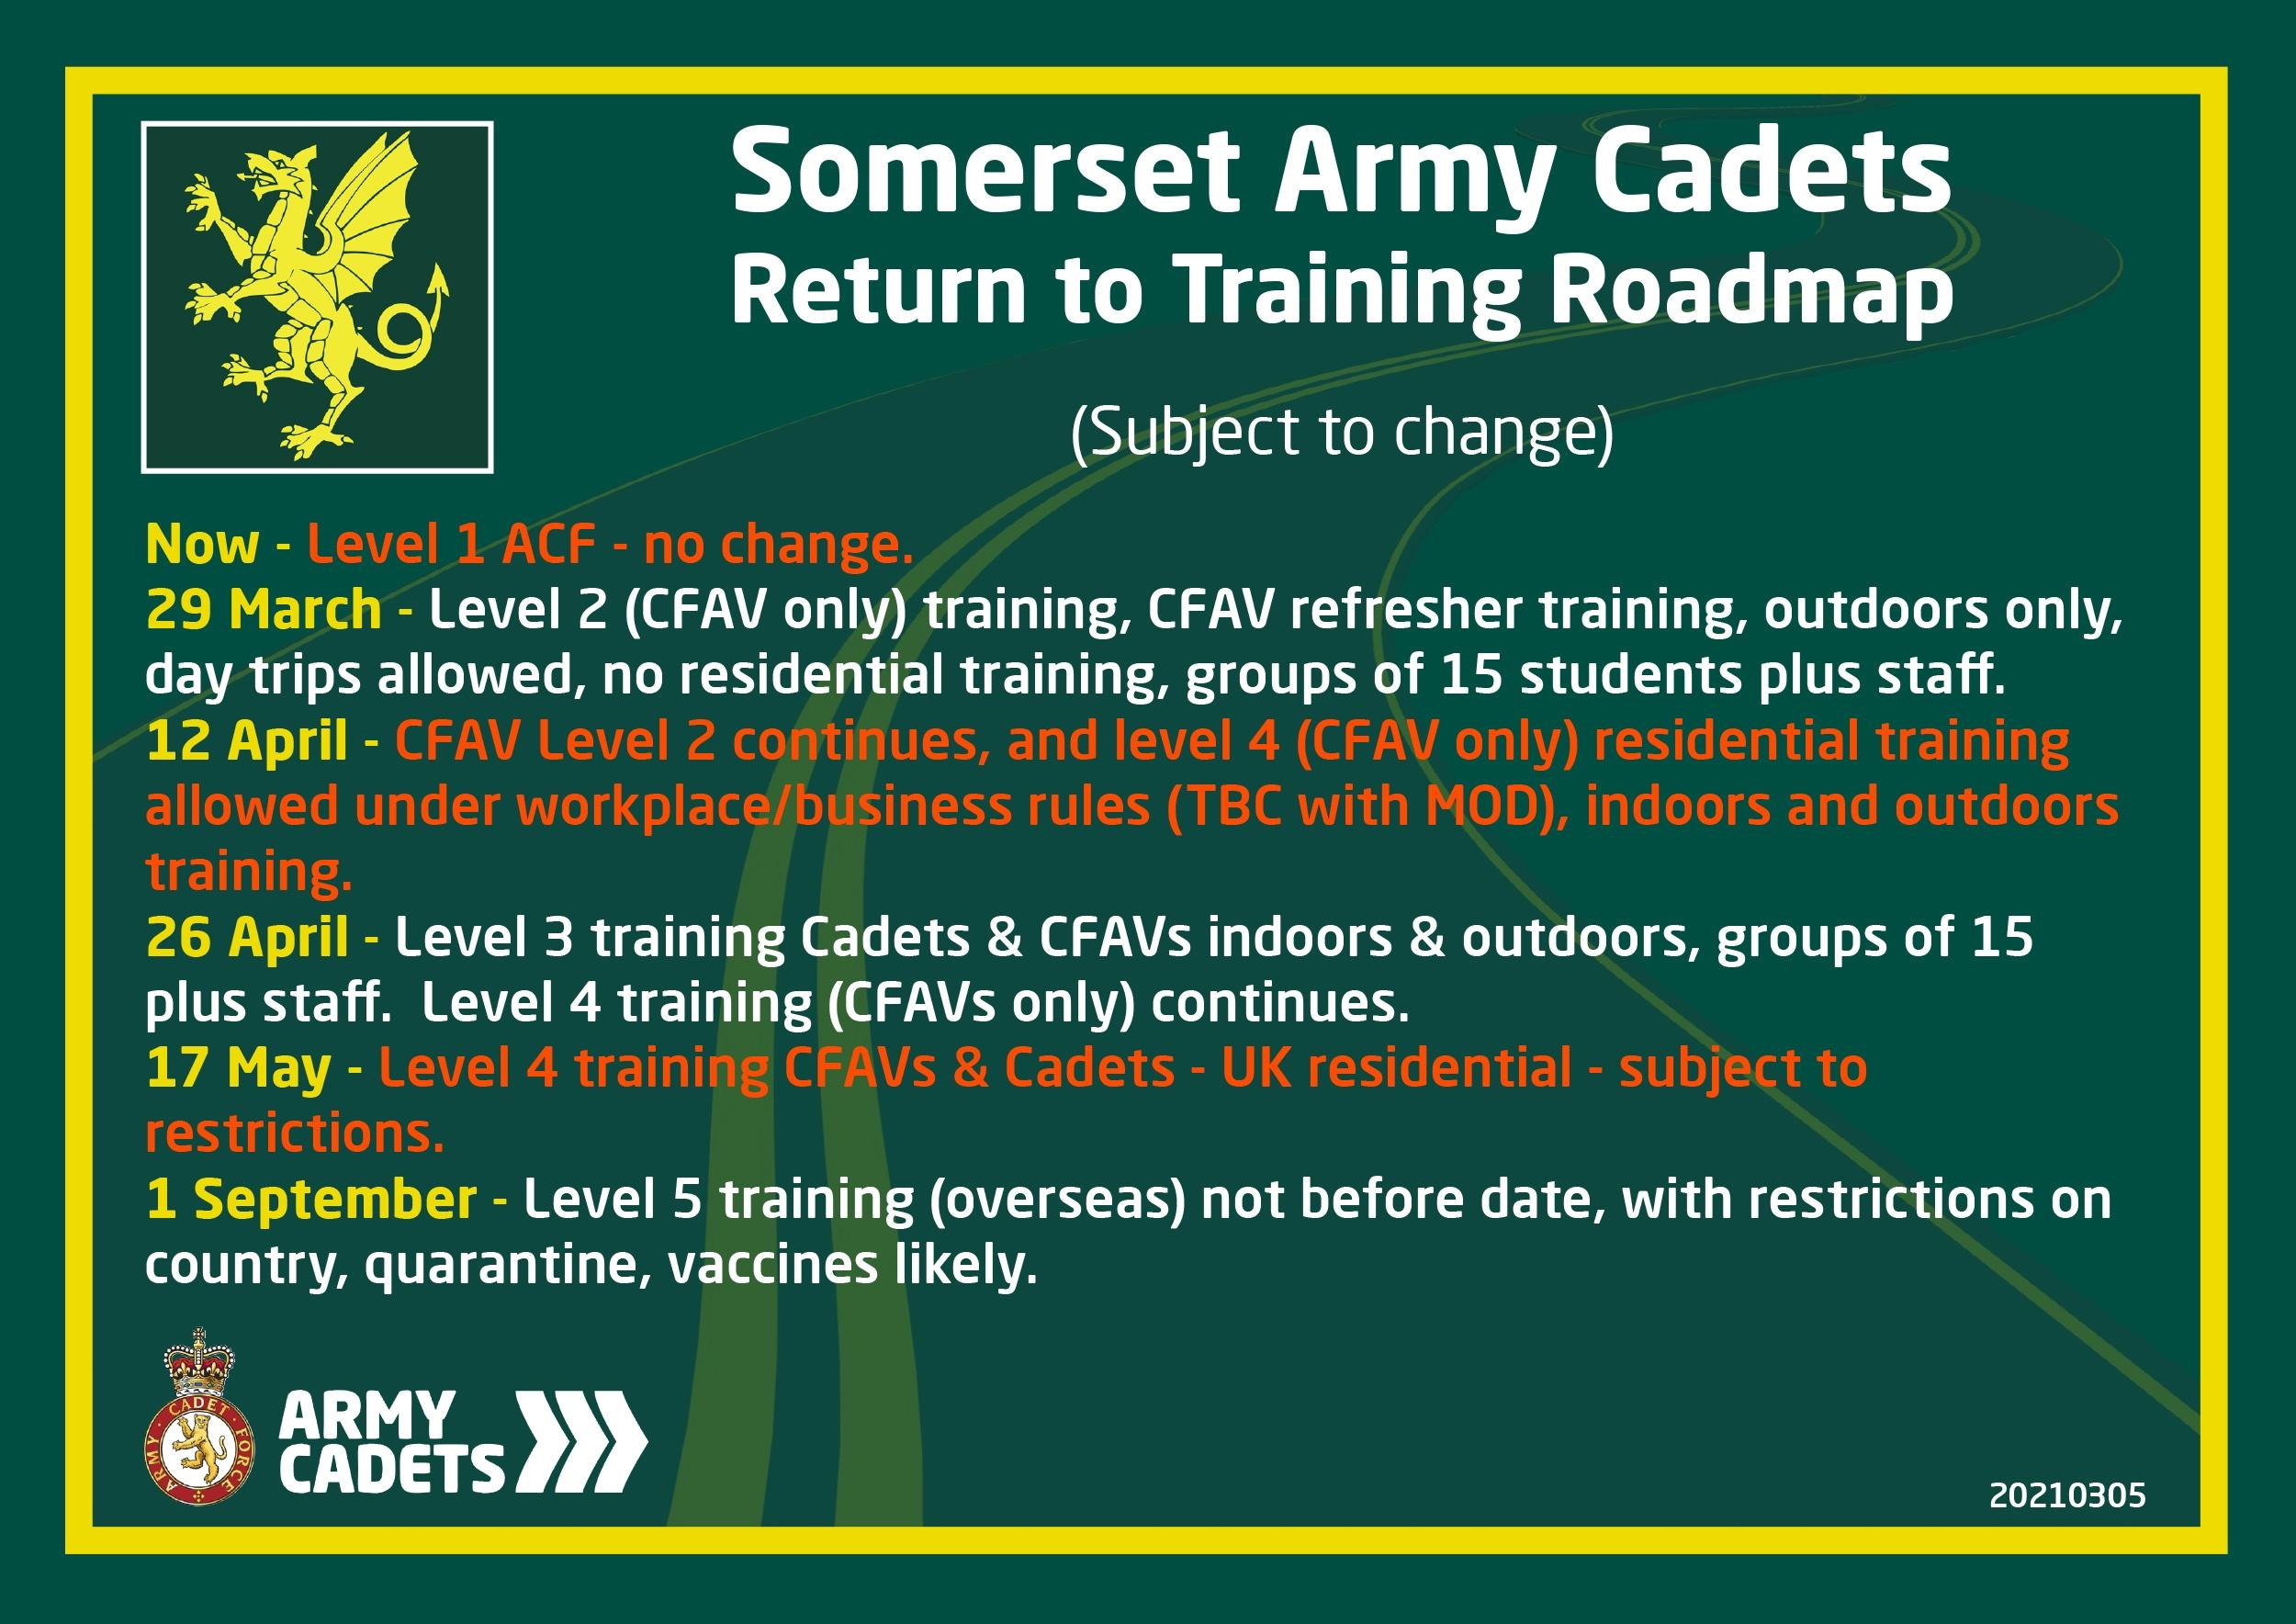 Return to Training Roadmap